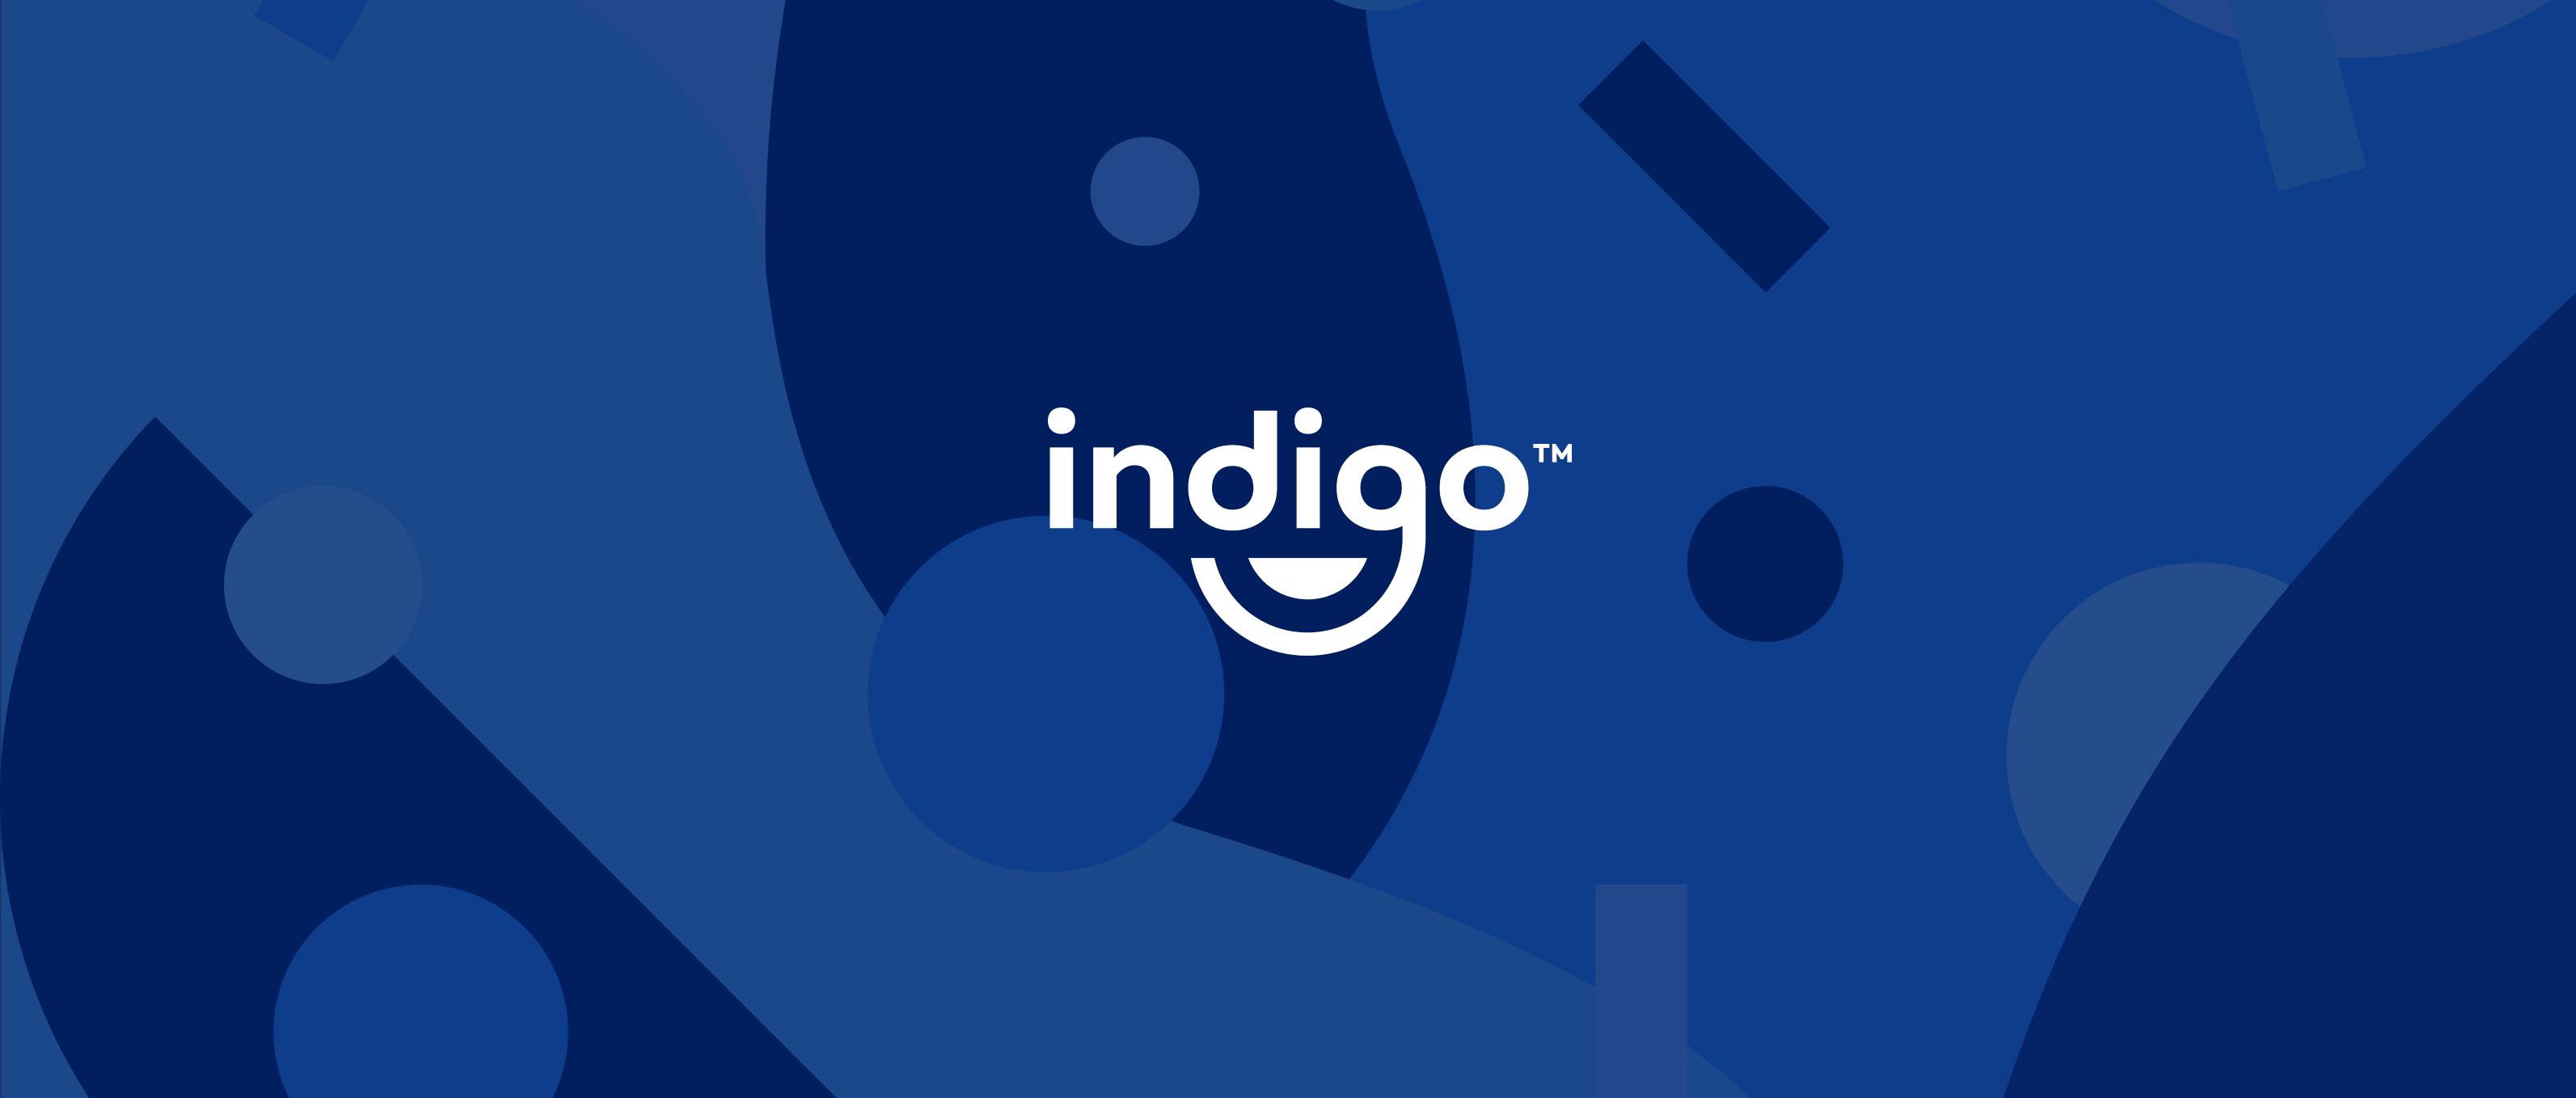 indigo fullwidth bg